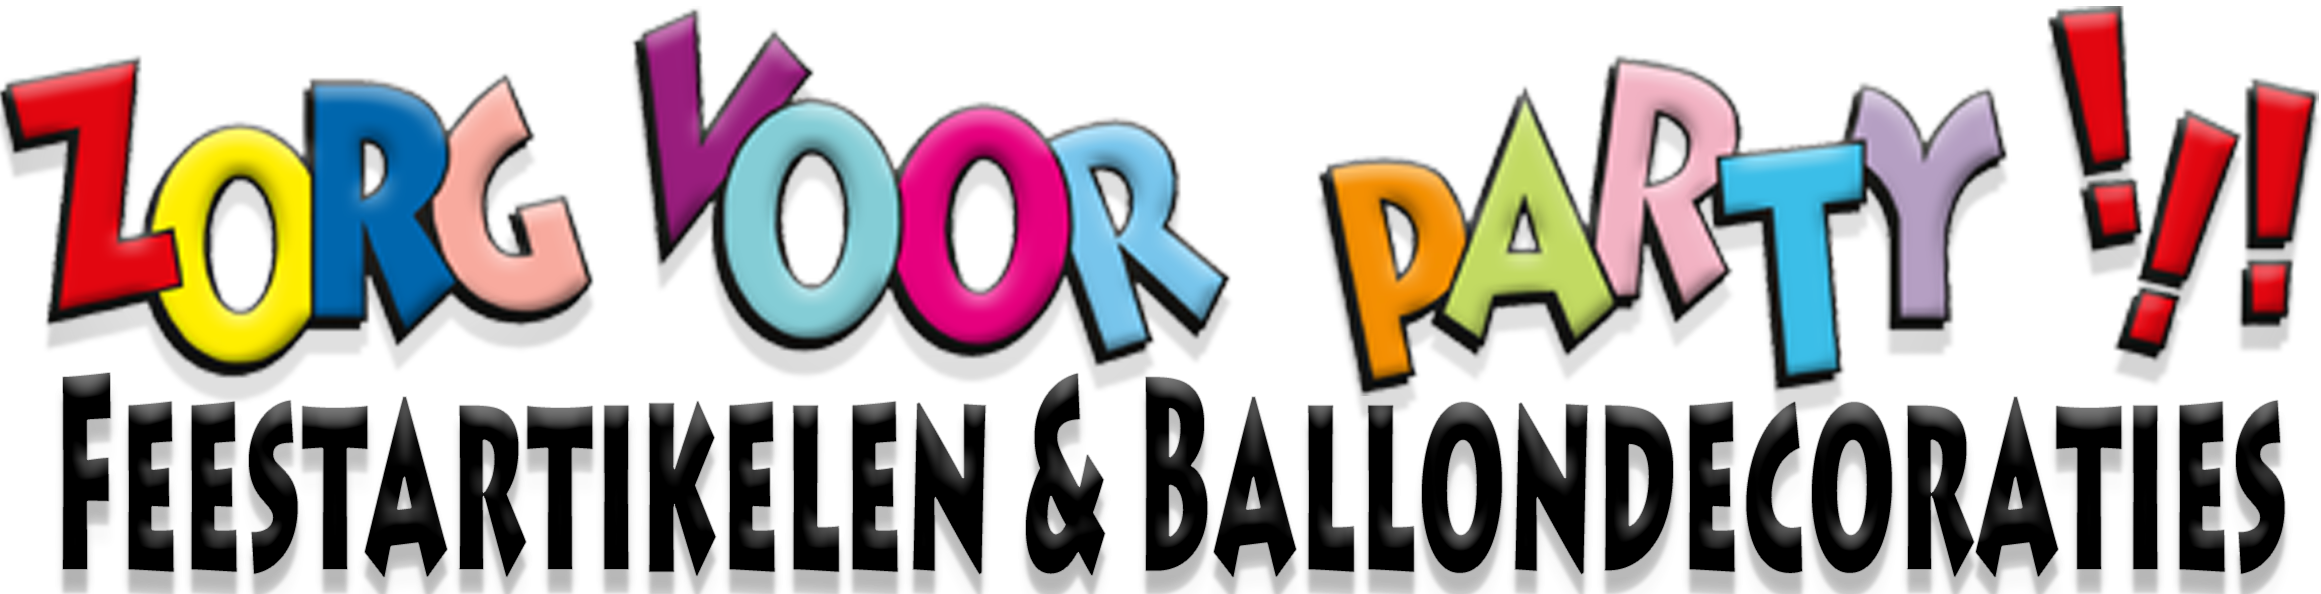 Zorg voor Party online feestartikelen en ballondecoraties